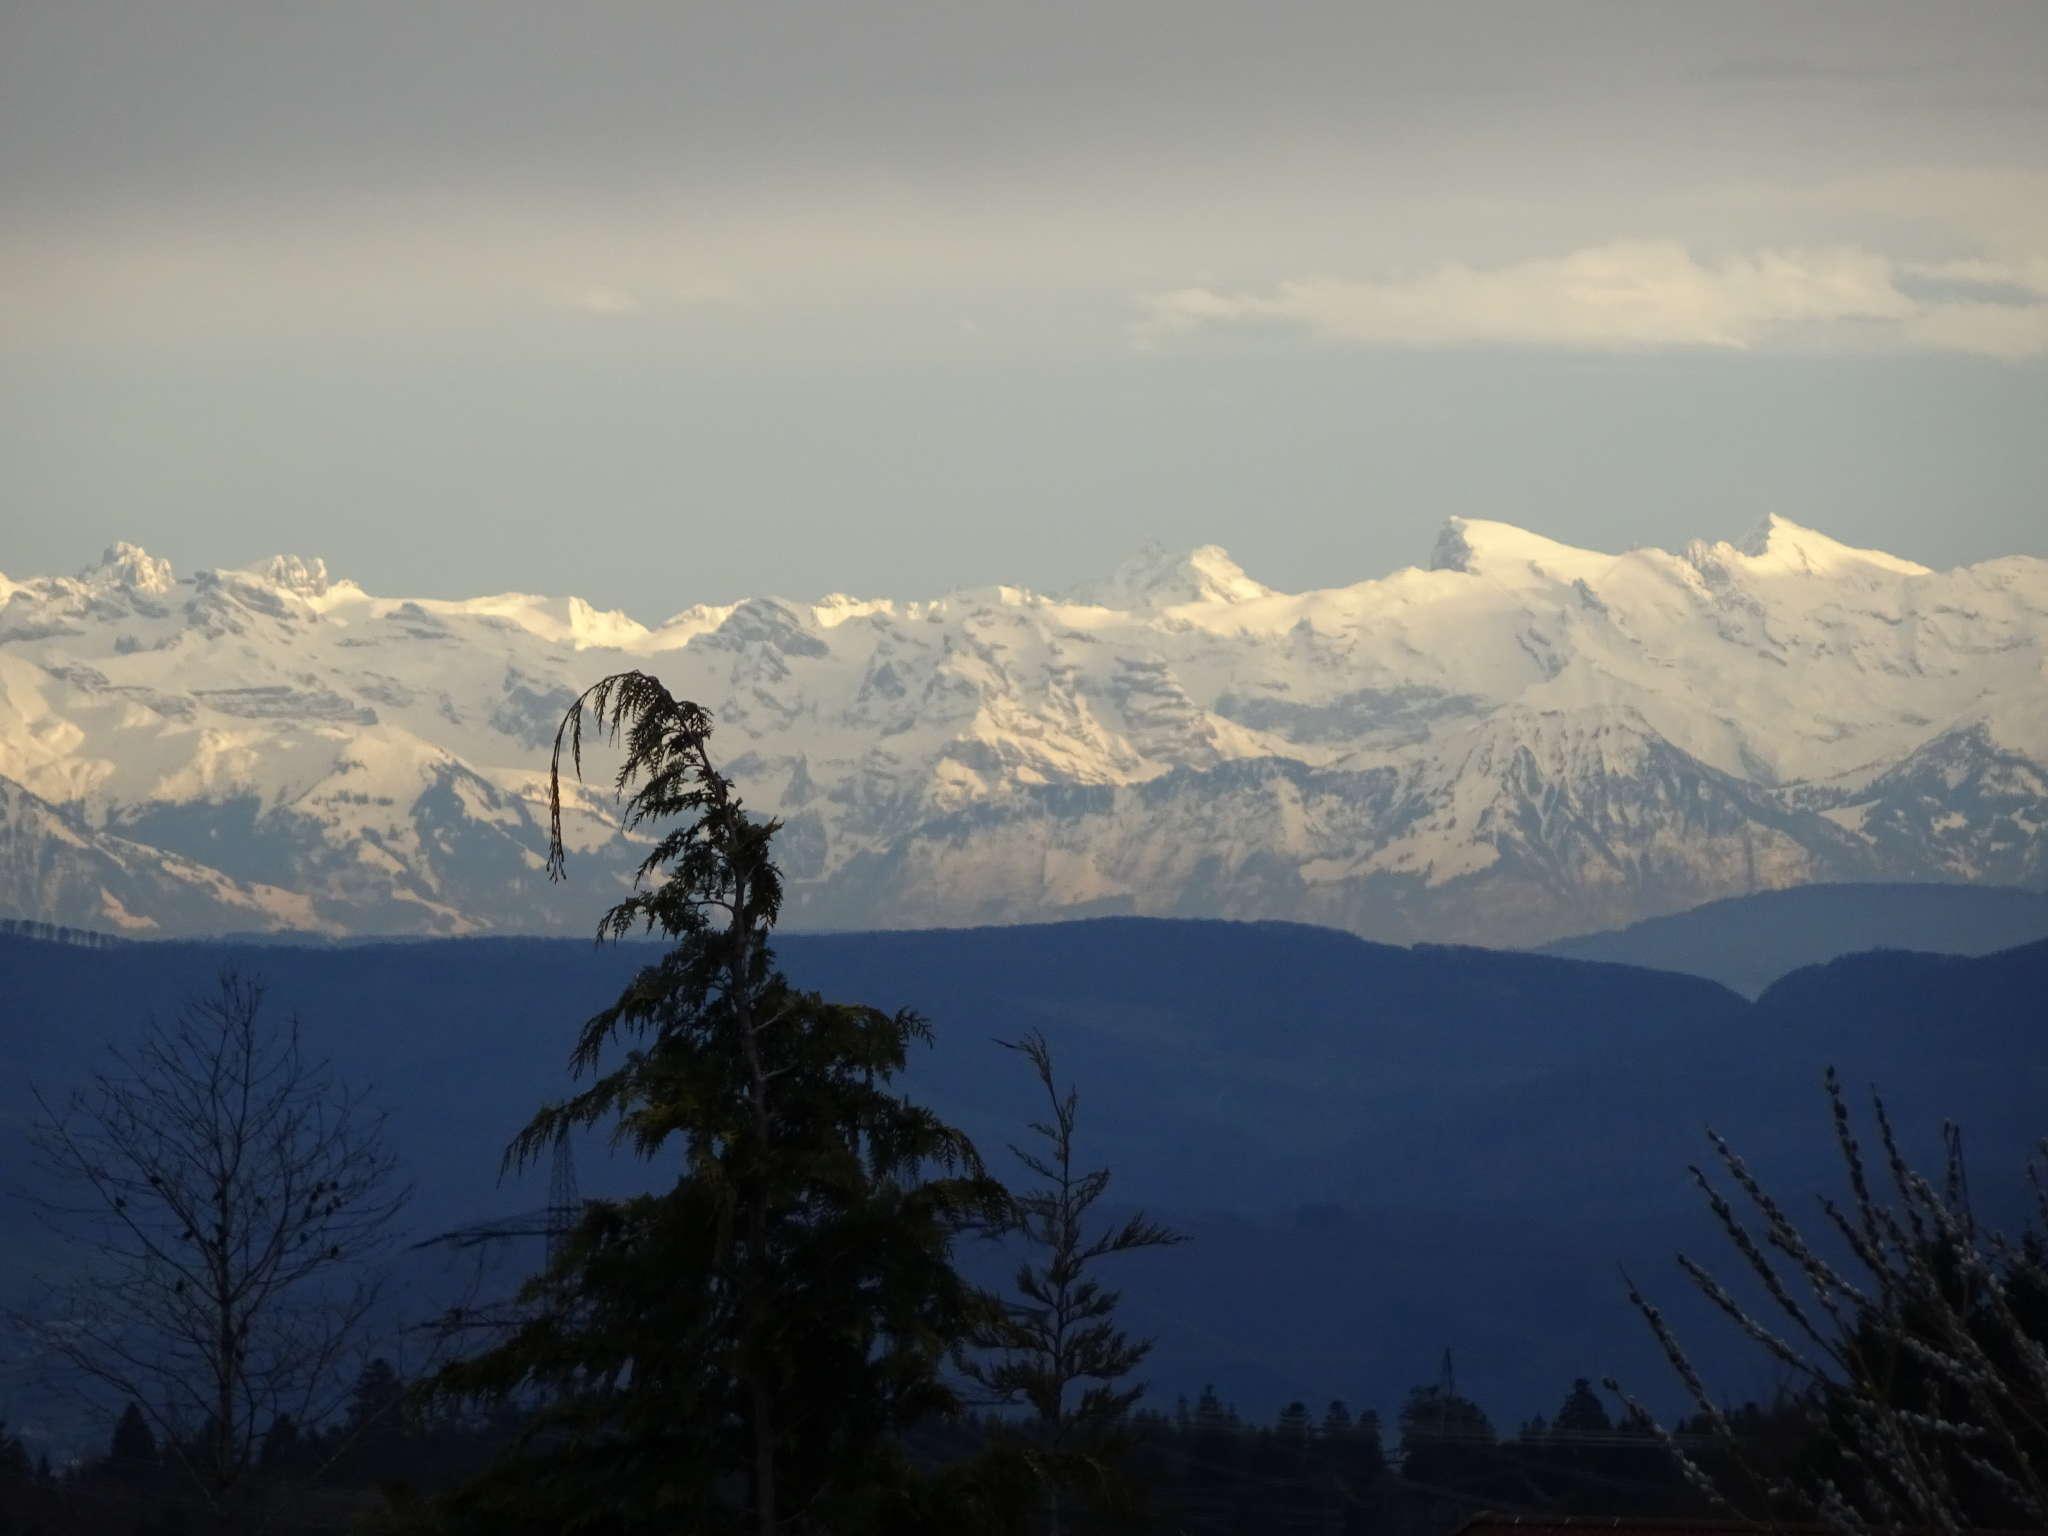 tolle Alpensicht der schweizer Alpen